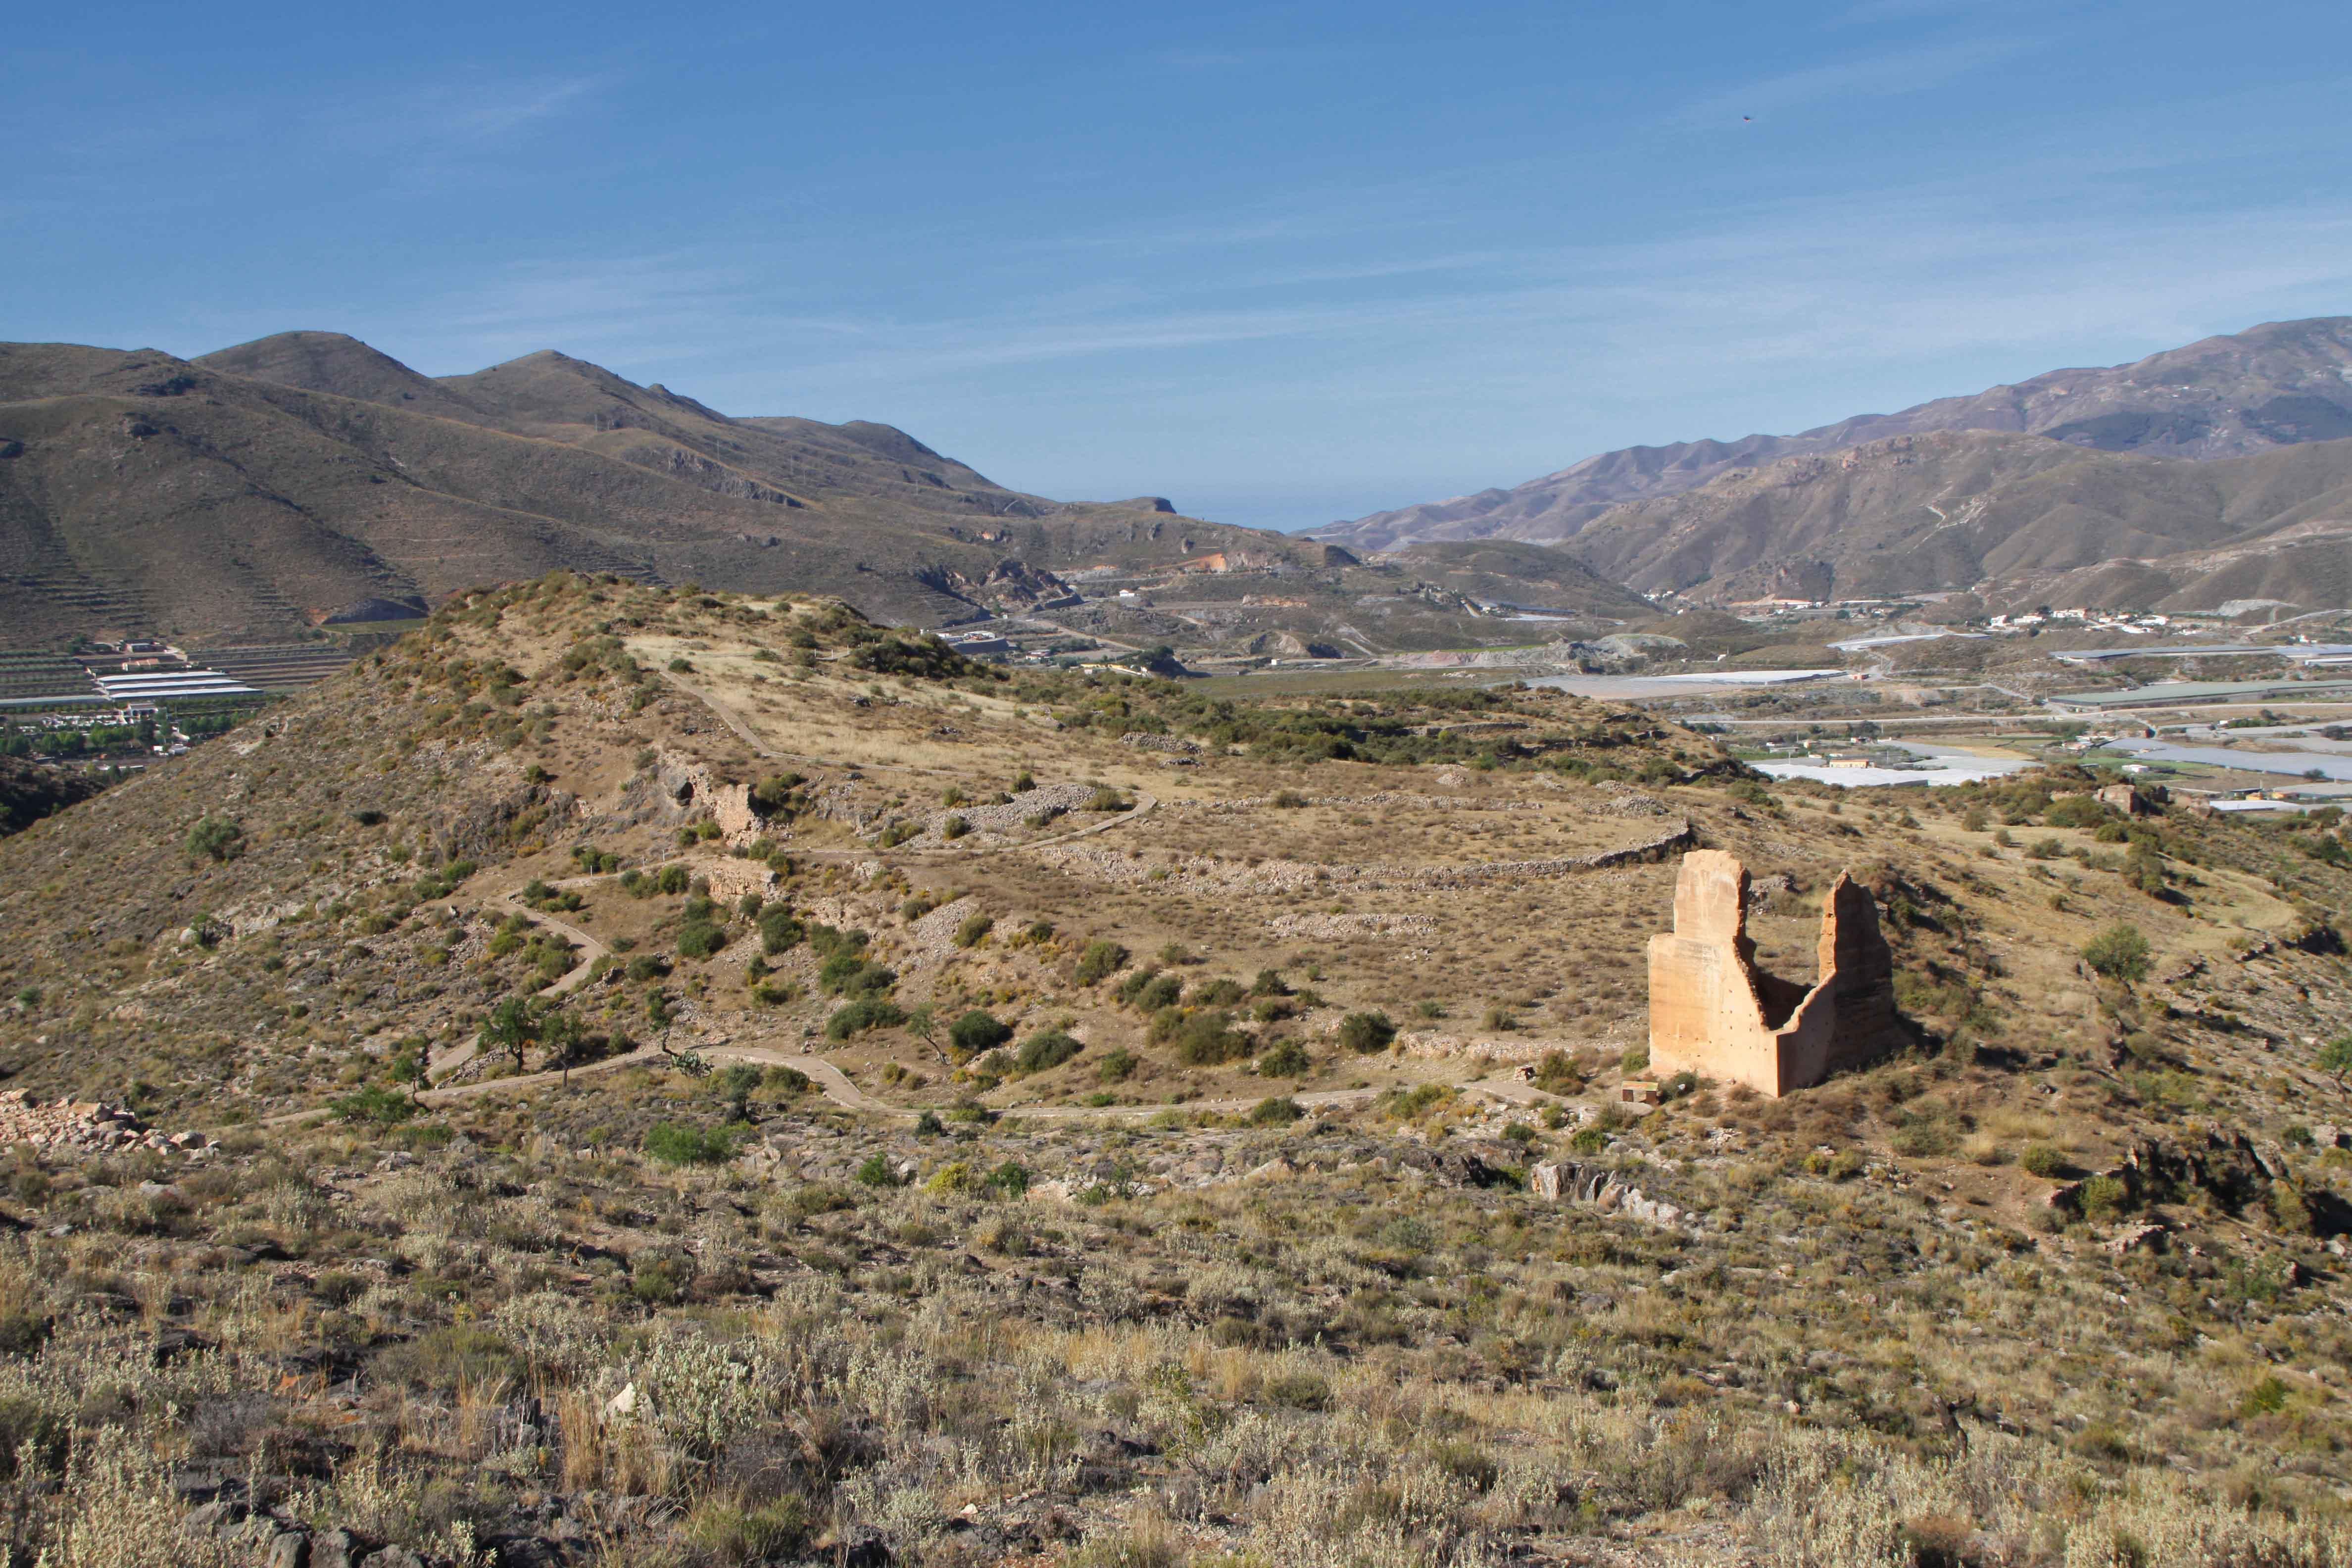 Restos de la Alcazaba de Villavieja (Berja) en lo alto de la colina. © Fotografía: Pako Manzano